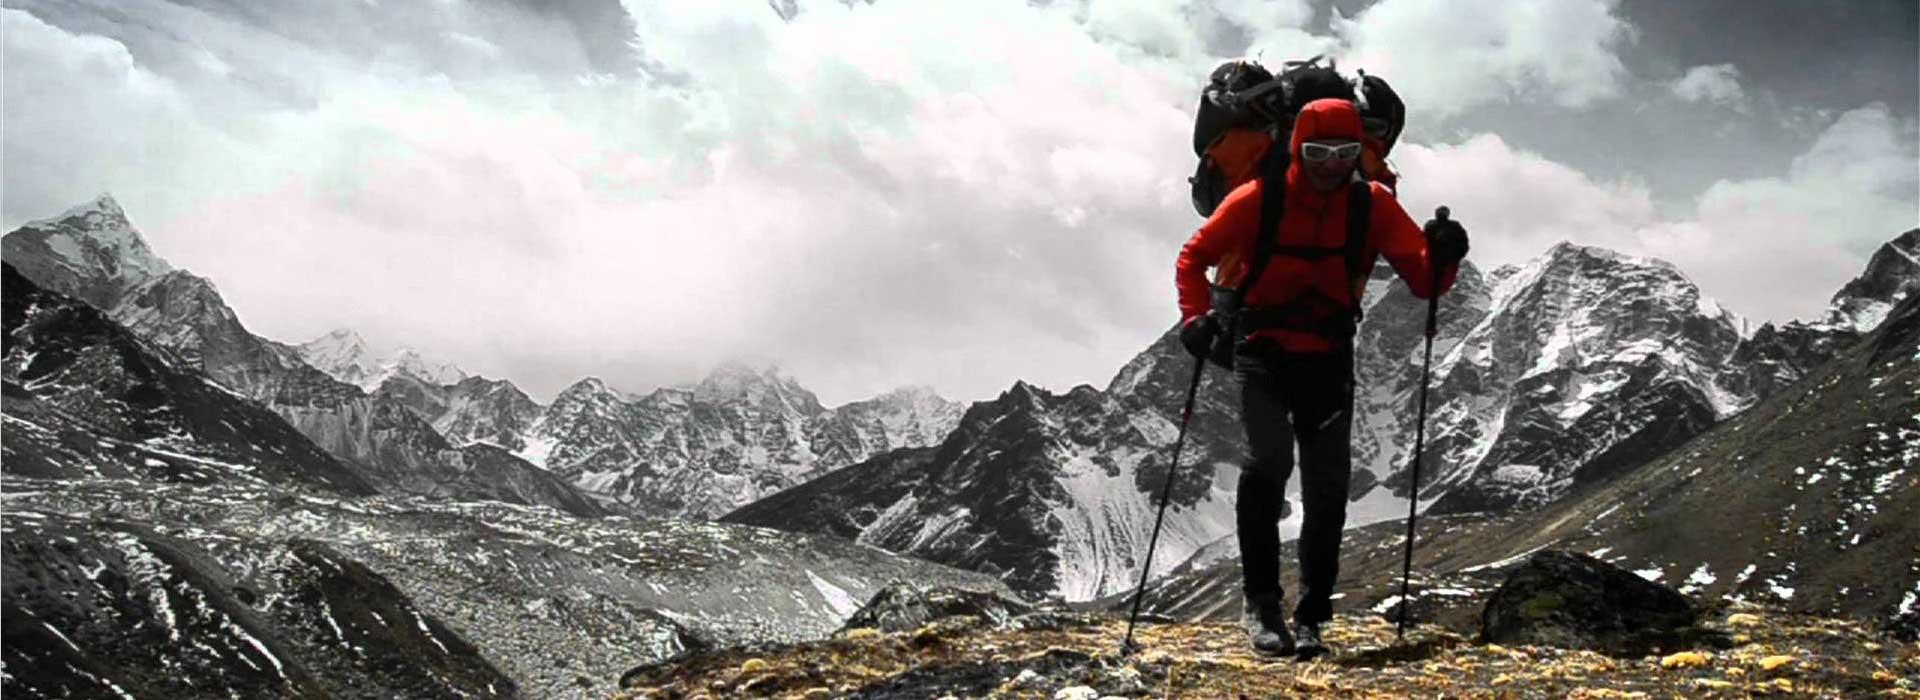 Tempo Libero Sport Alpinismo Montagna Arrampicata